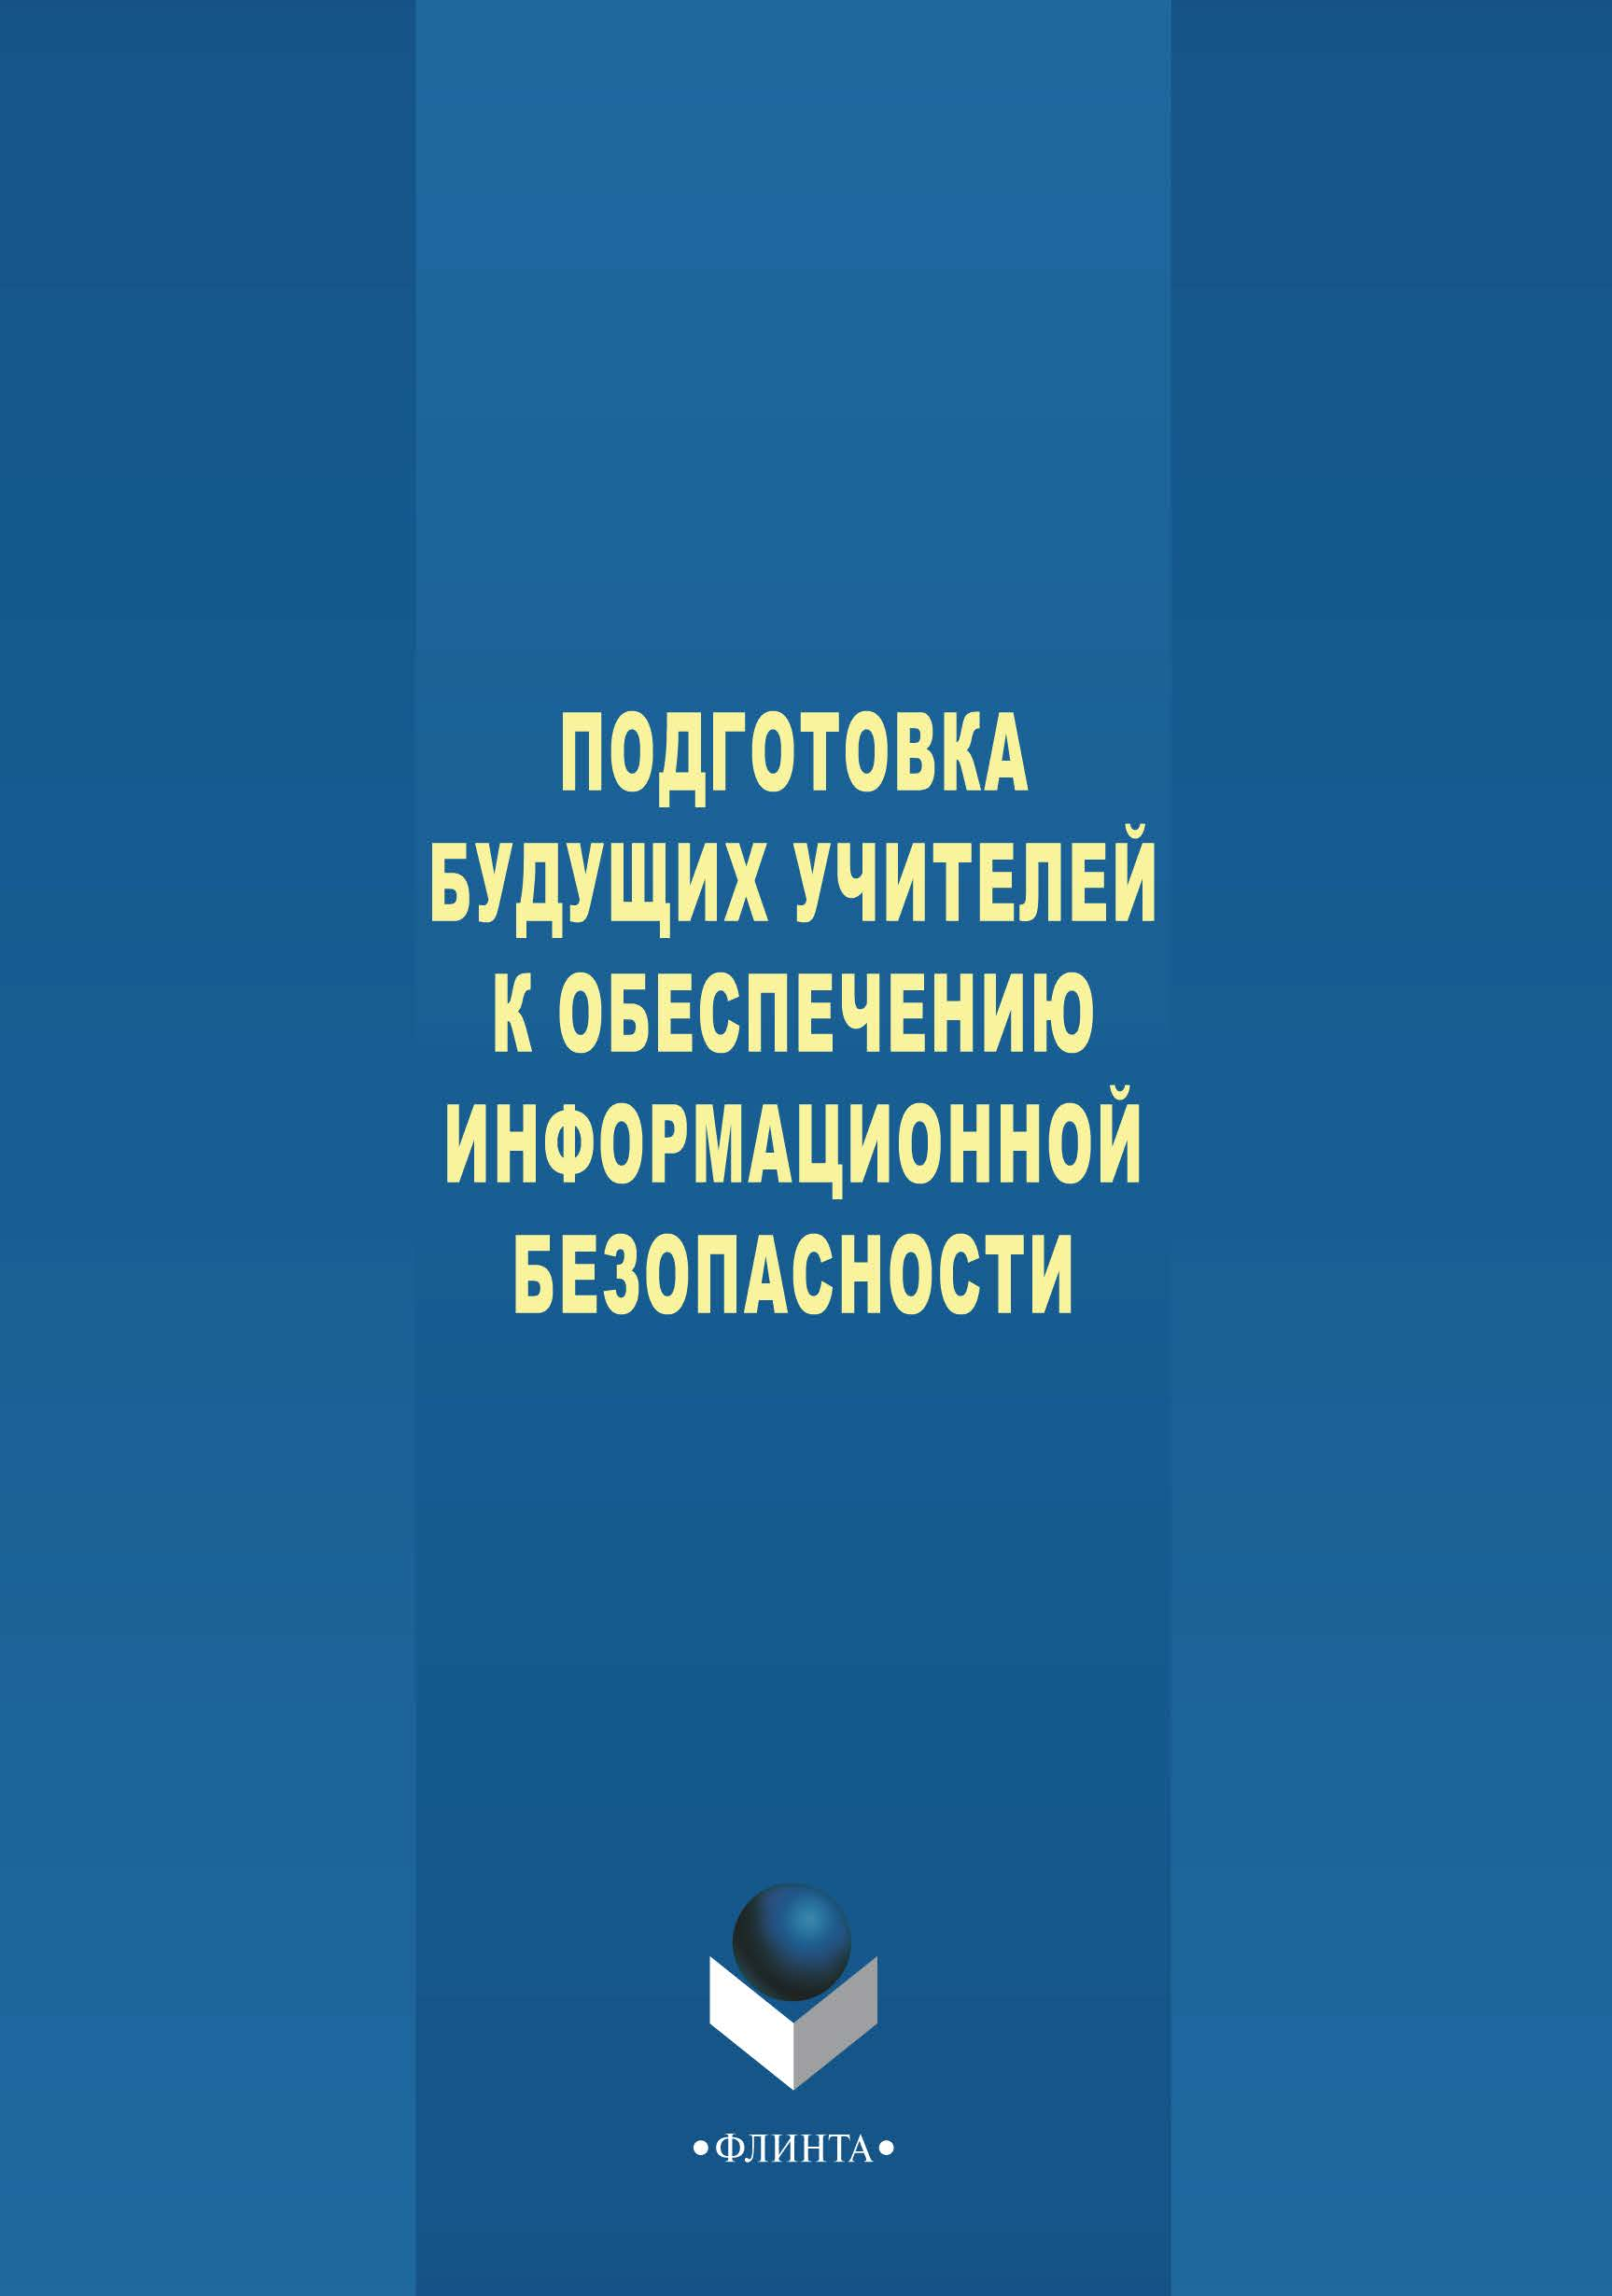 Л. З. Давлеткиреева Подготовка будущих учителей к обеспечению информационной безопасности в а трайнев системный подход к обеспечению информационной безопасности предприятия фирмы isbn 978 5 394 03016 1